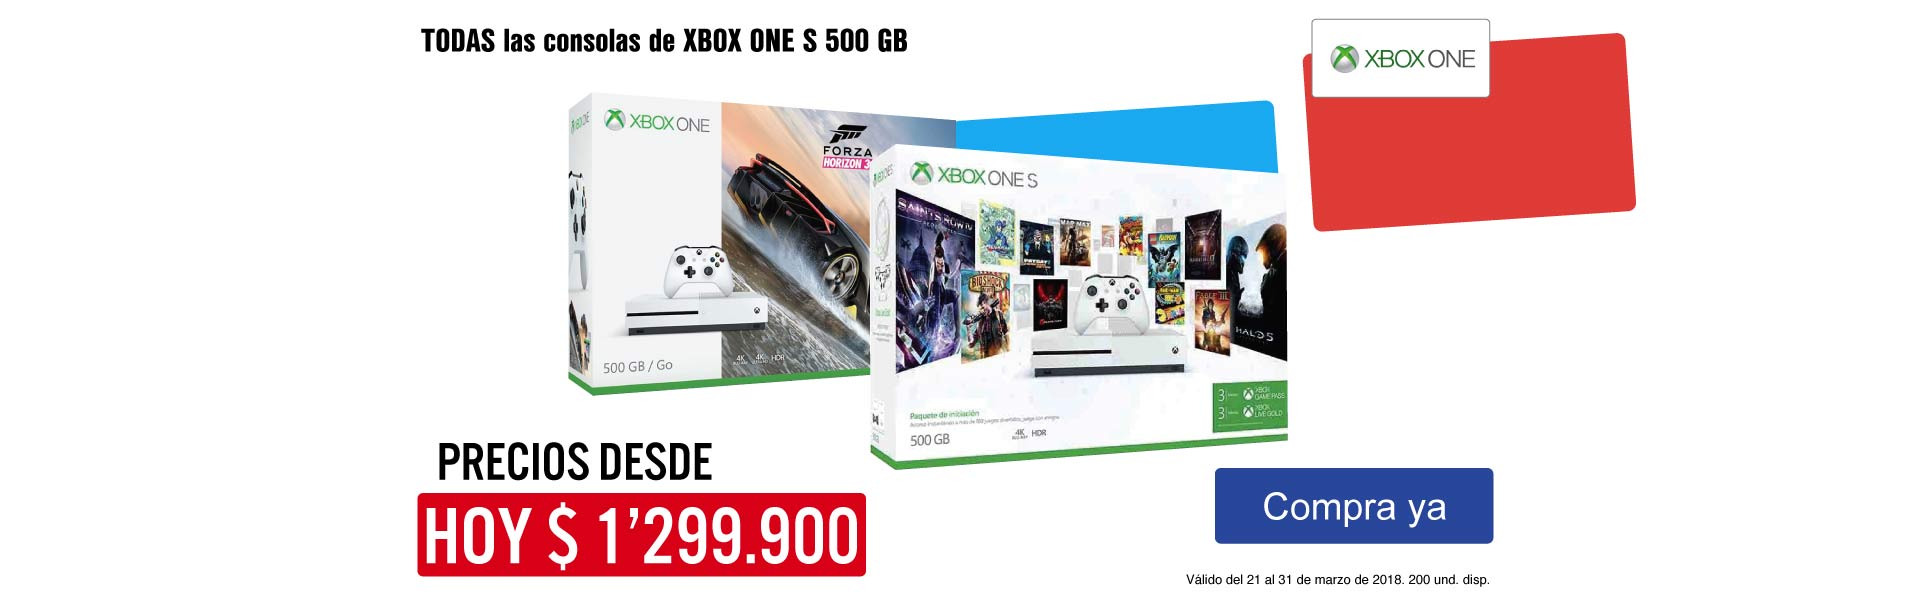 PPAL KT-6-videojuegos-todas-consolas-xbox-cat-marzo21/25